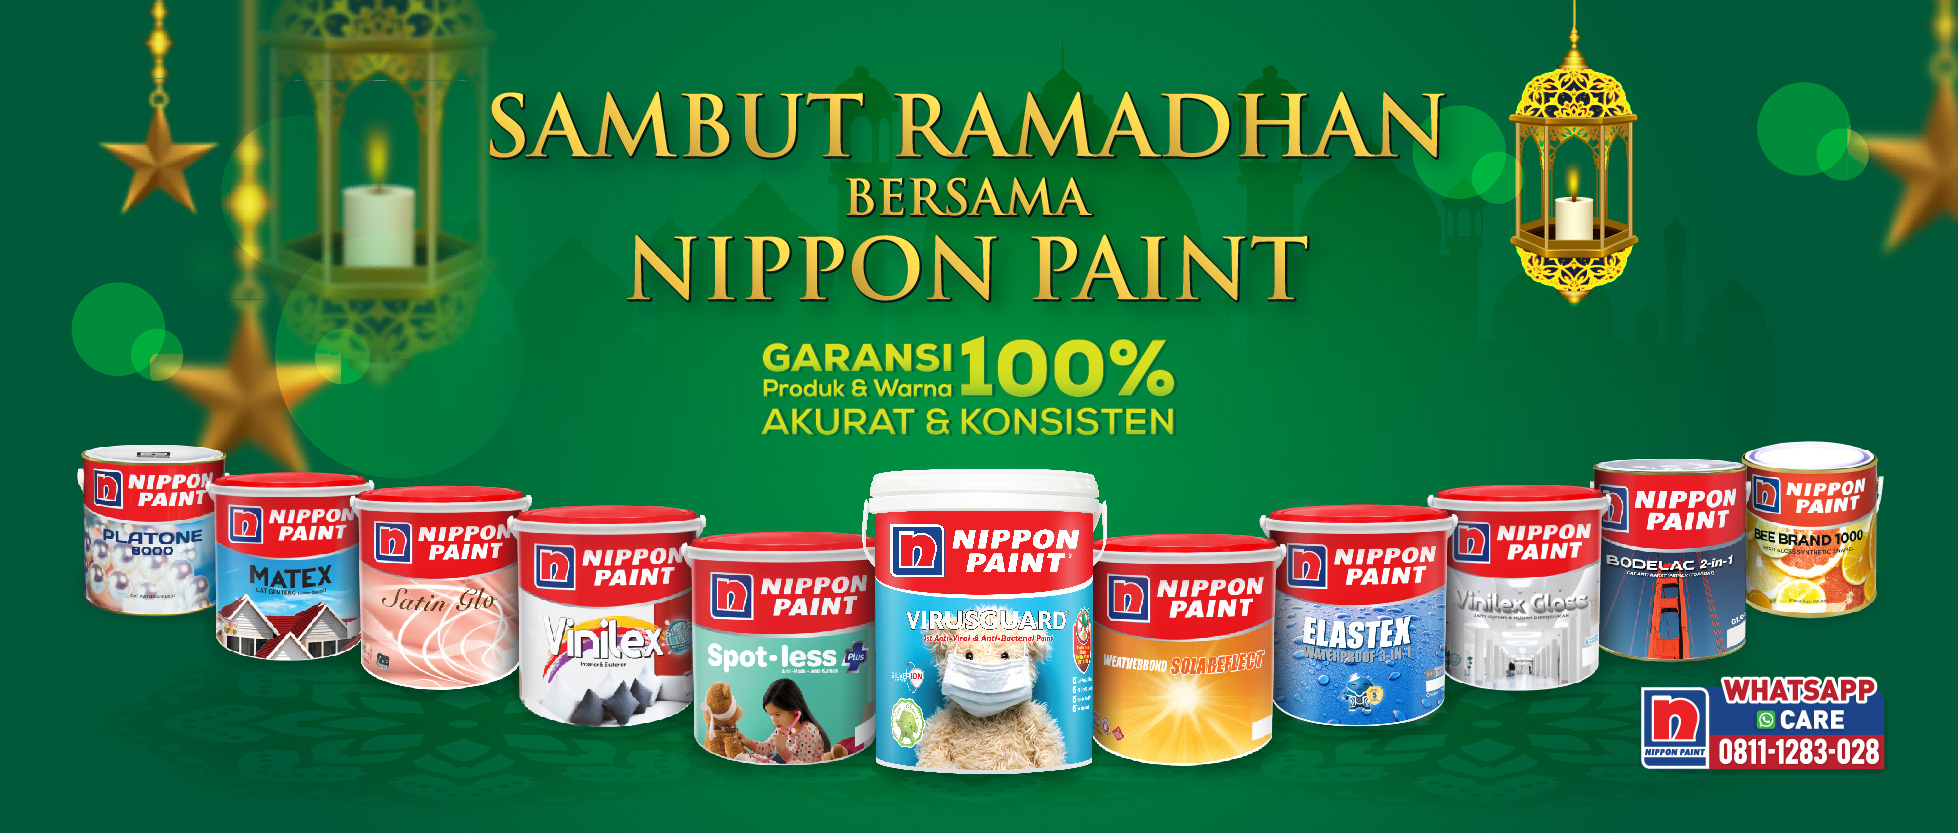 nippon paint spot less, nippon paint anti bakteri